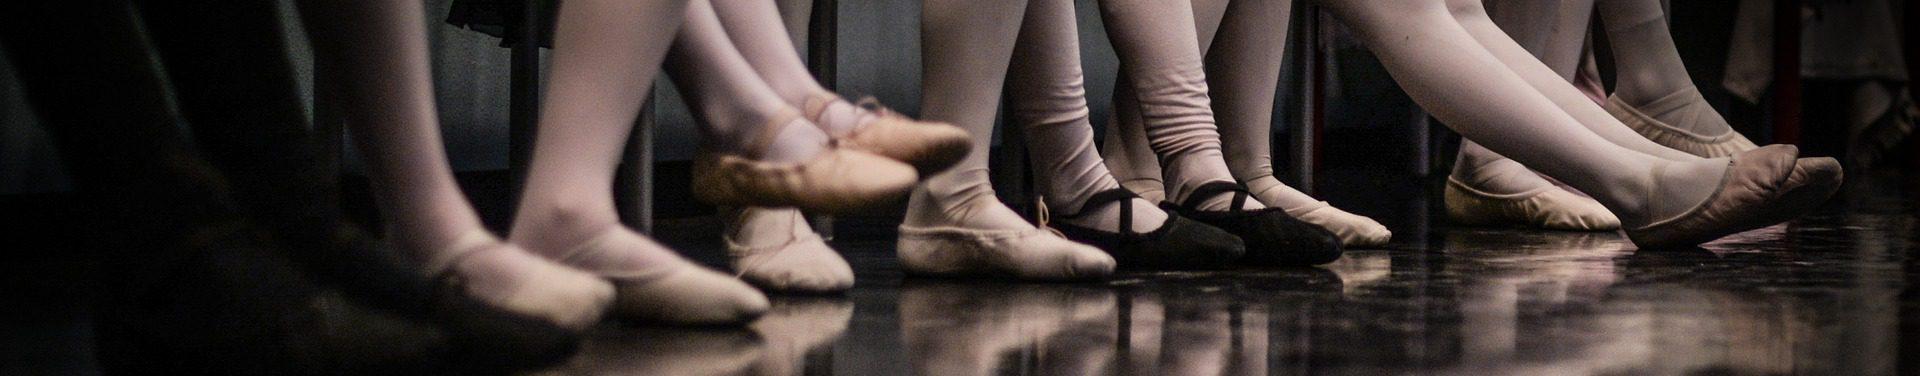 Ballettstudio-MZ Oppenheim